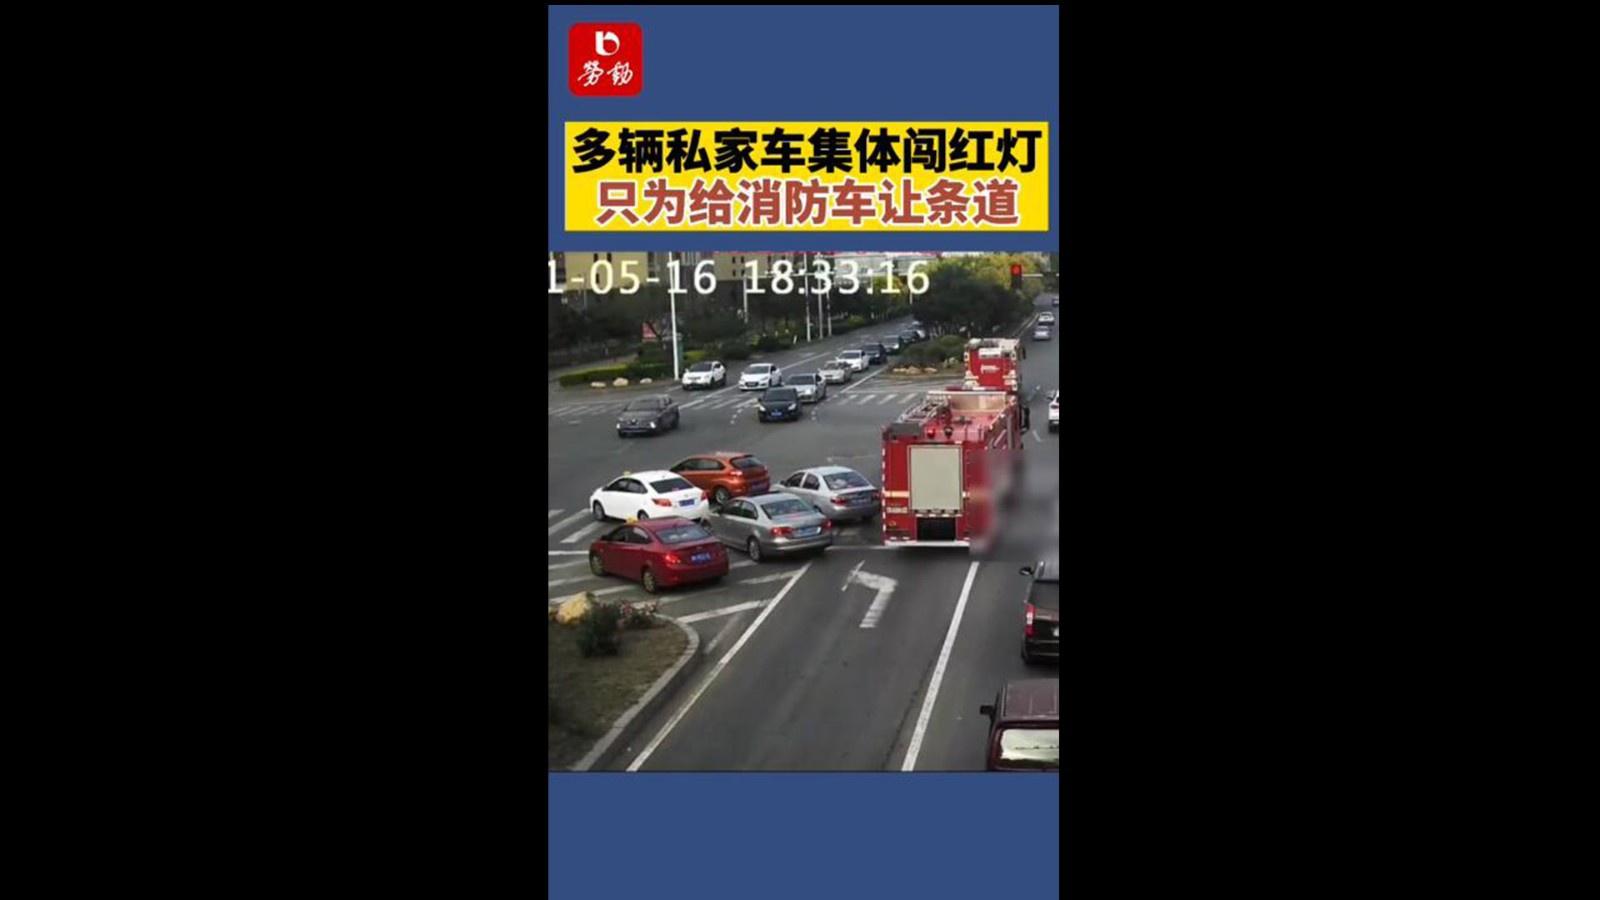 为了给消防车让道,多辆私家车集体闯红灯,交警:不扣分